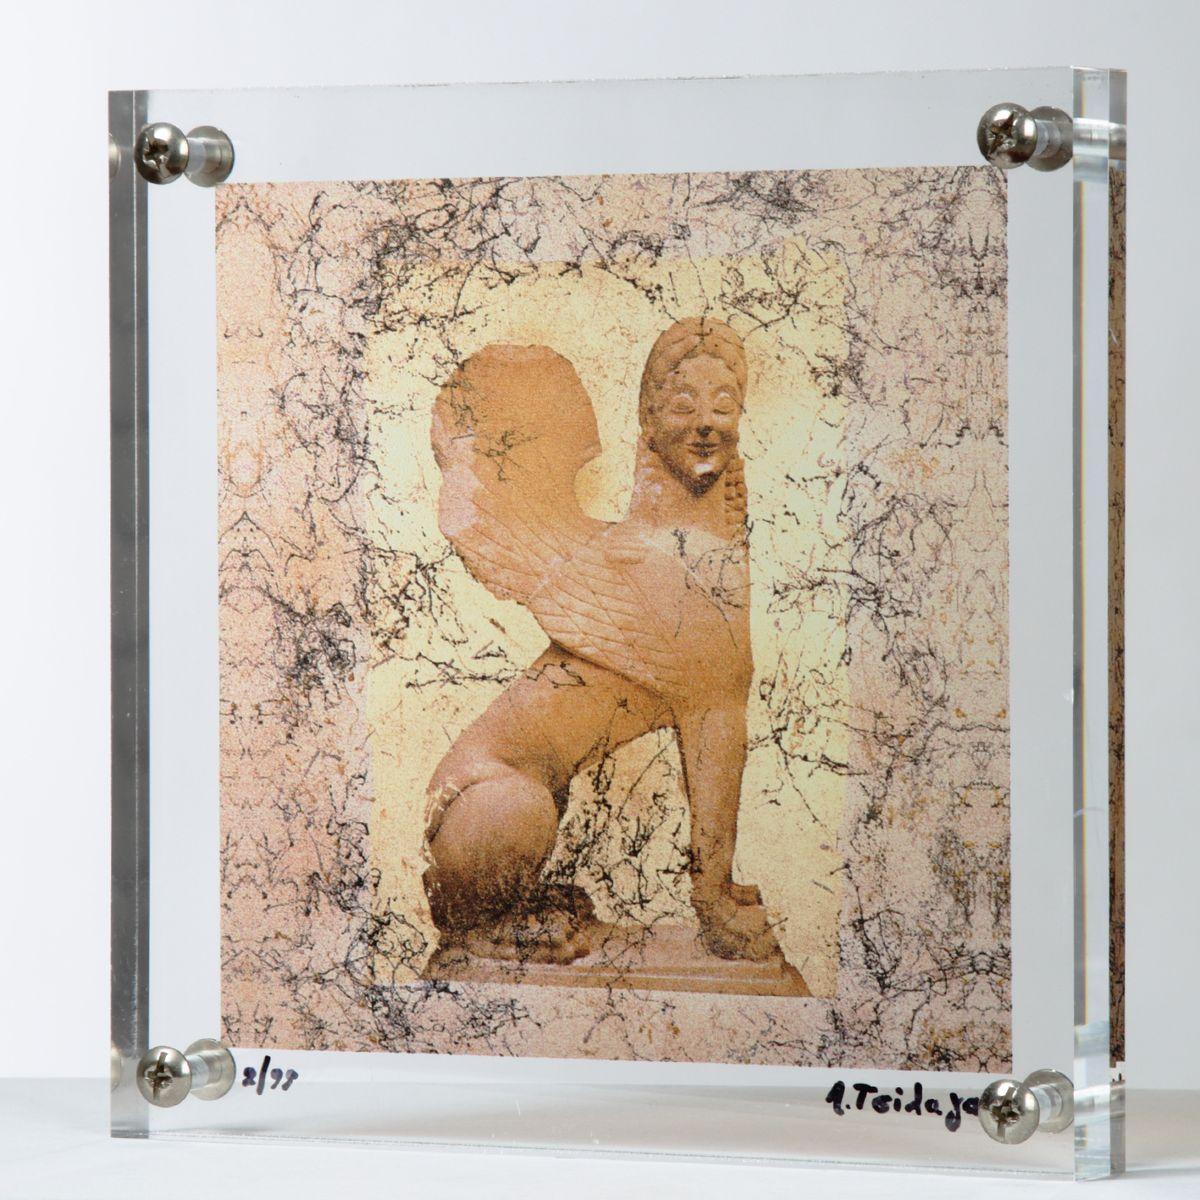 20200824 Λίνα Τσίλαγα, 24×24 εκ., Μεταξοτυπία σε plexi-glass, – Lina Tsilaga, 24×24 cm Silkscreen in plexi-glass